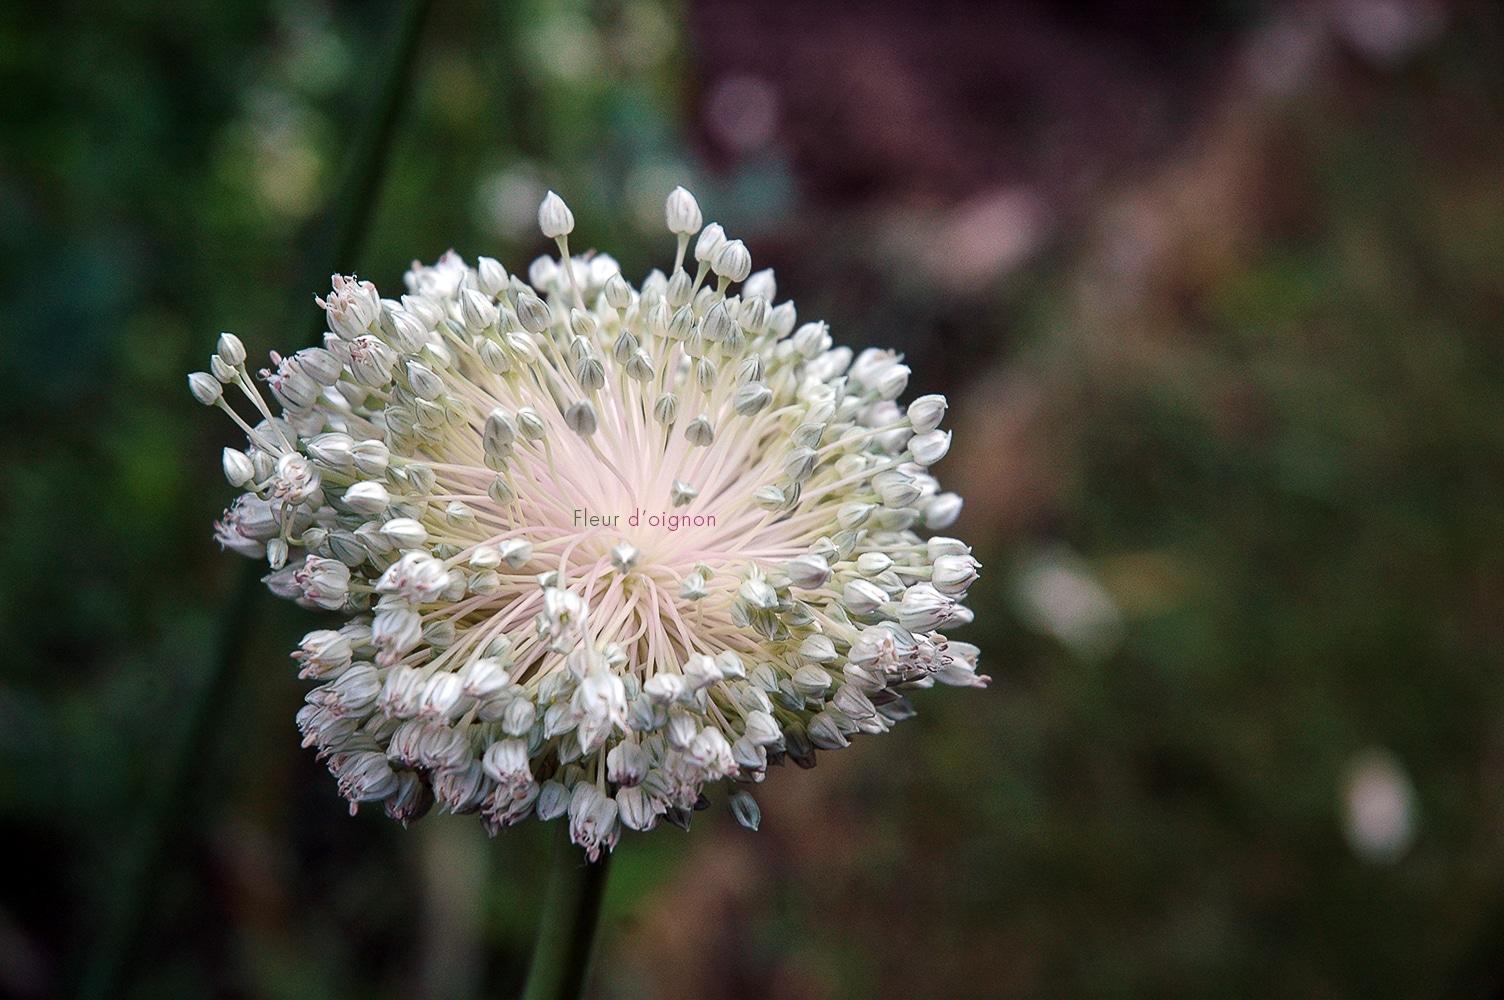 Fleur d'oignon